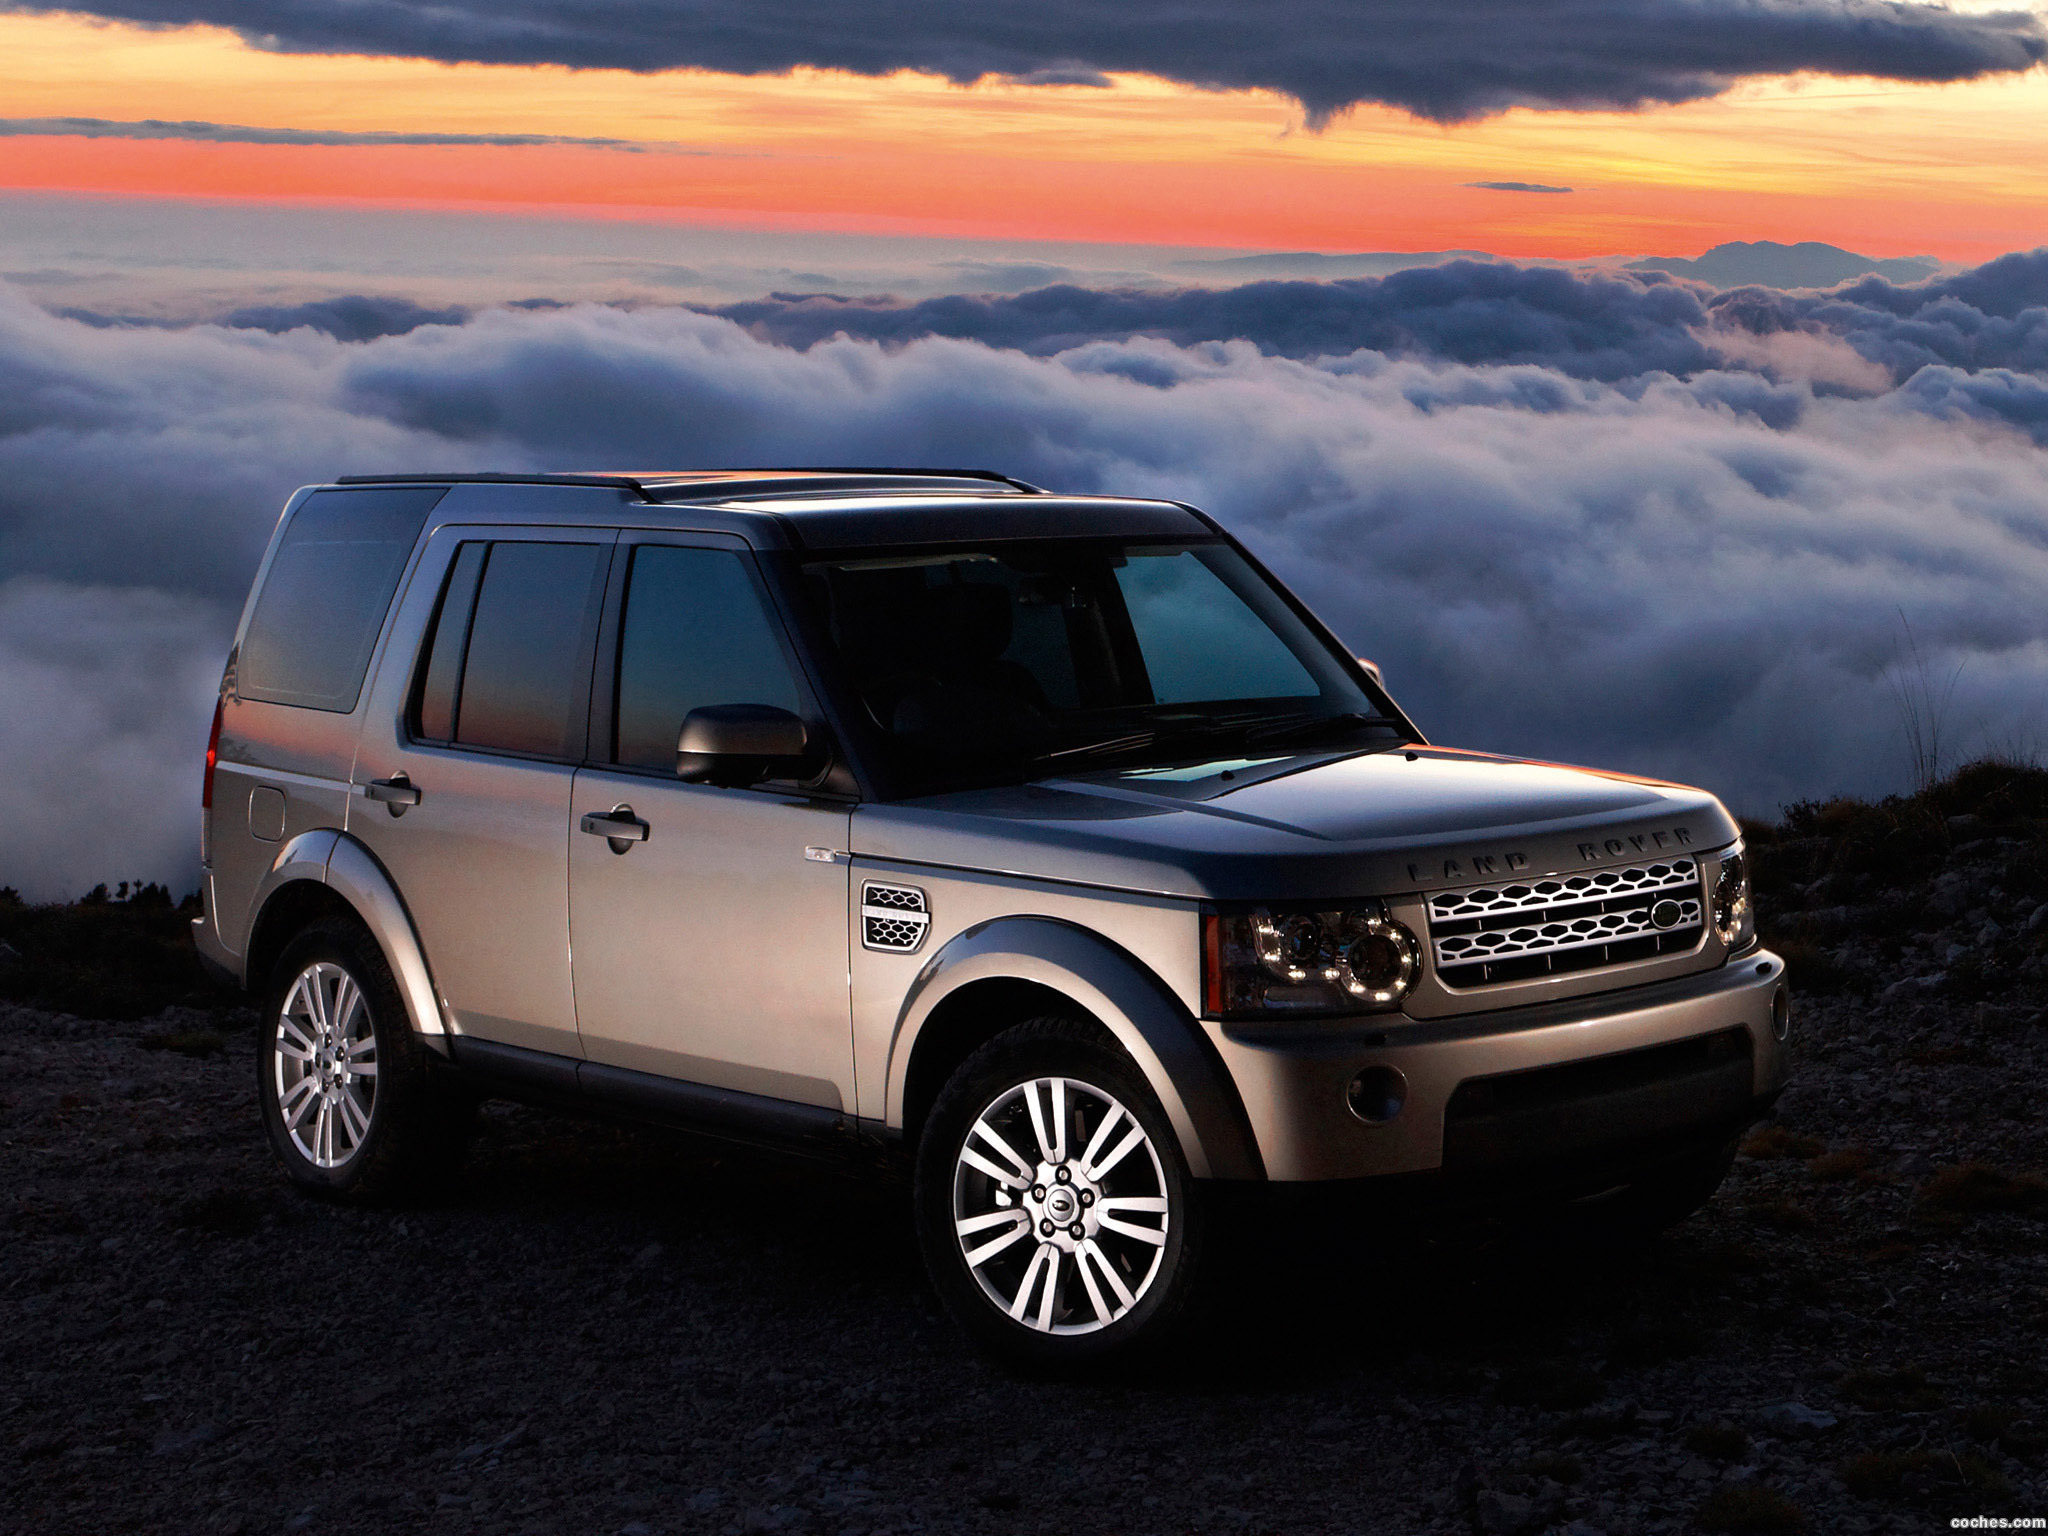 Foto 2 de Land Rover Discovery LR4 2009